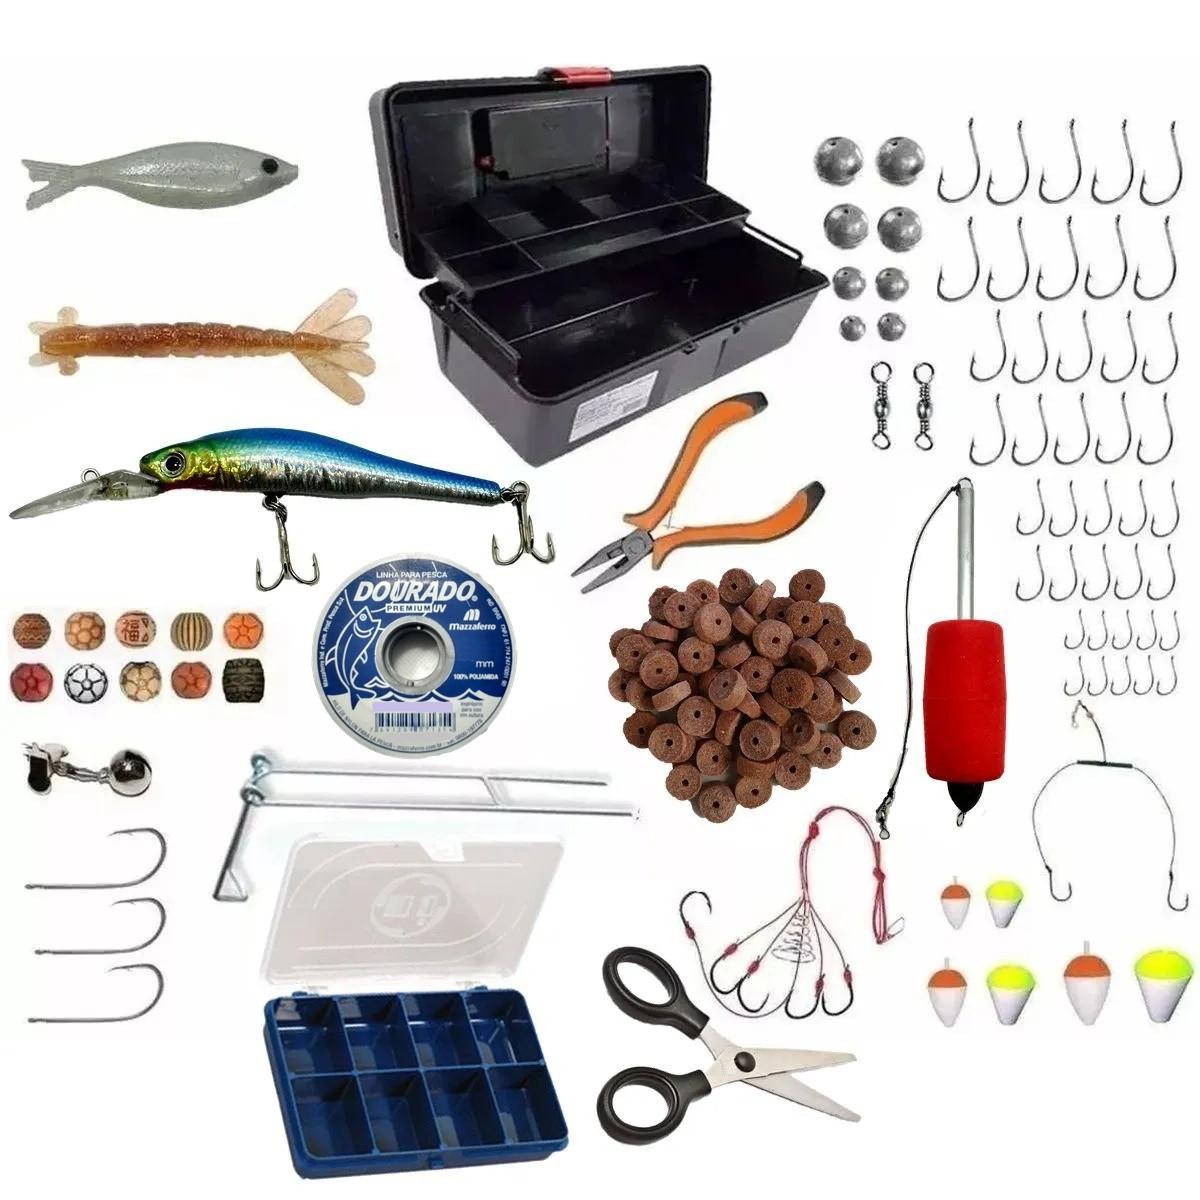 Caixa De Pesca Completa Isca E Acessórios Básicos Barato